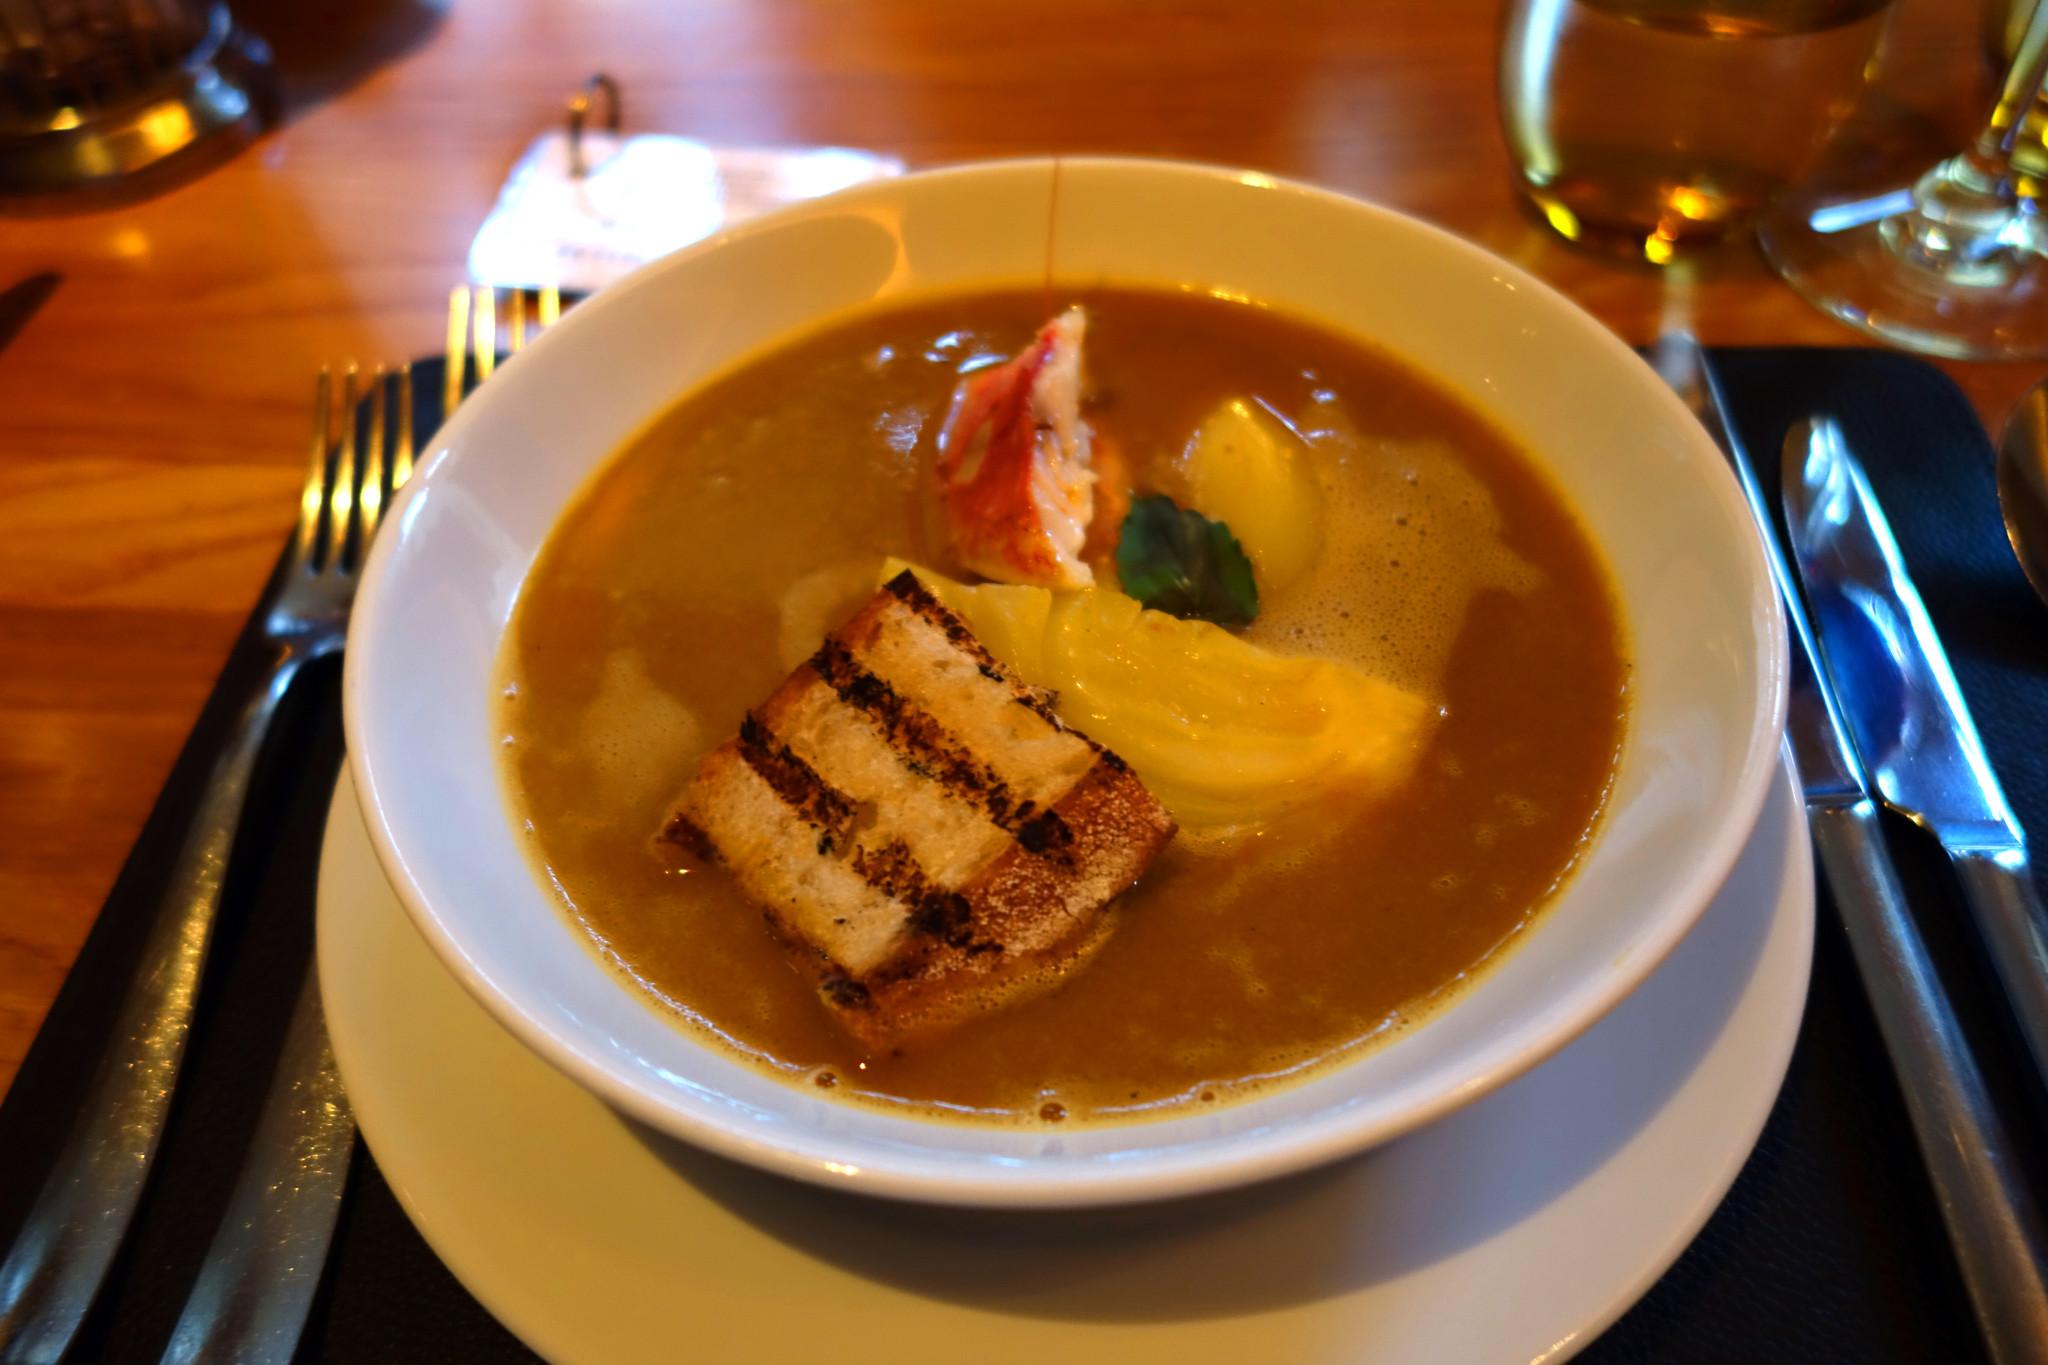 bar boulud soup de poisson